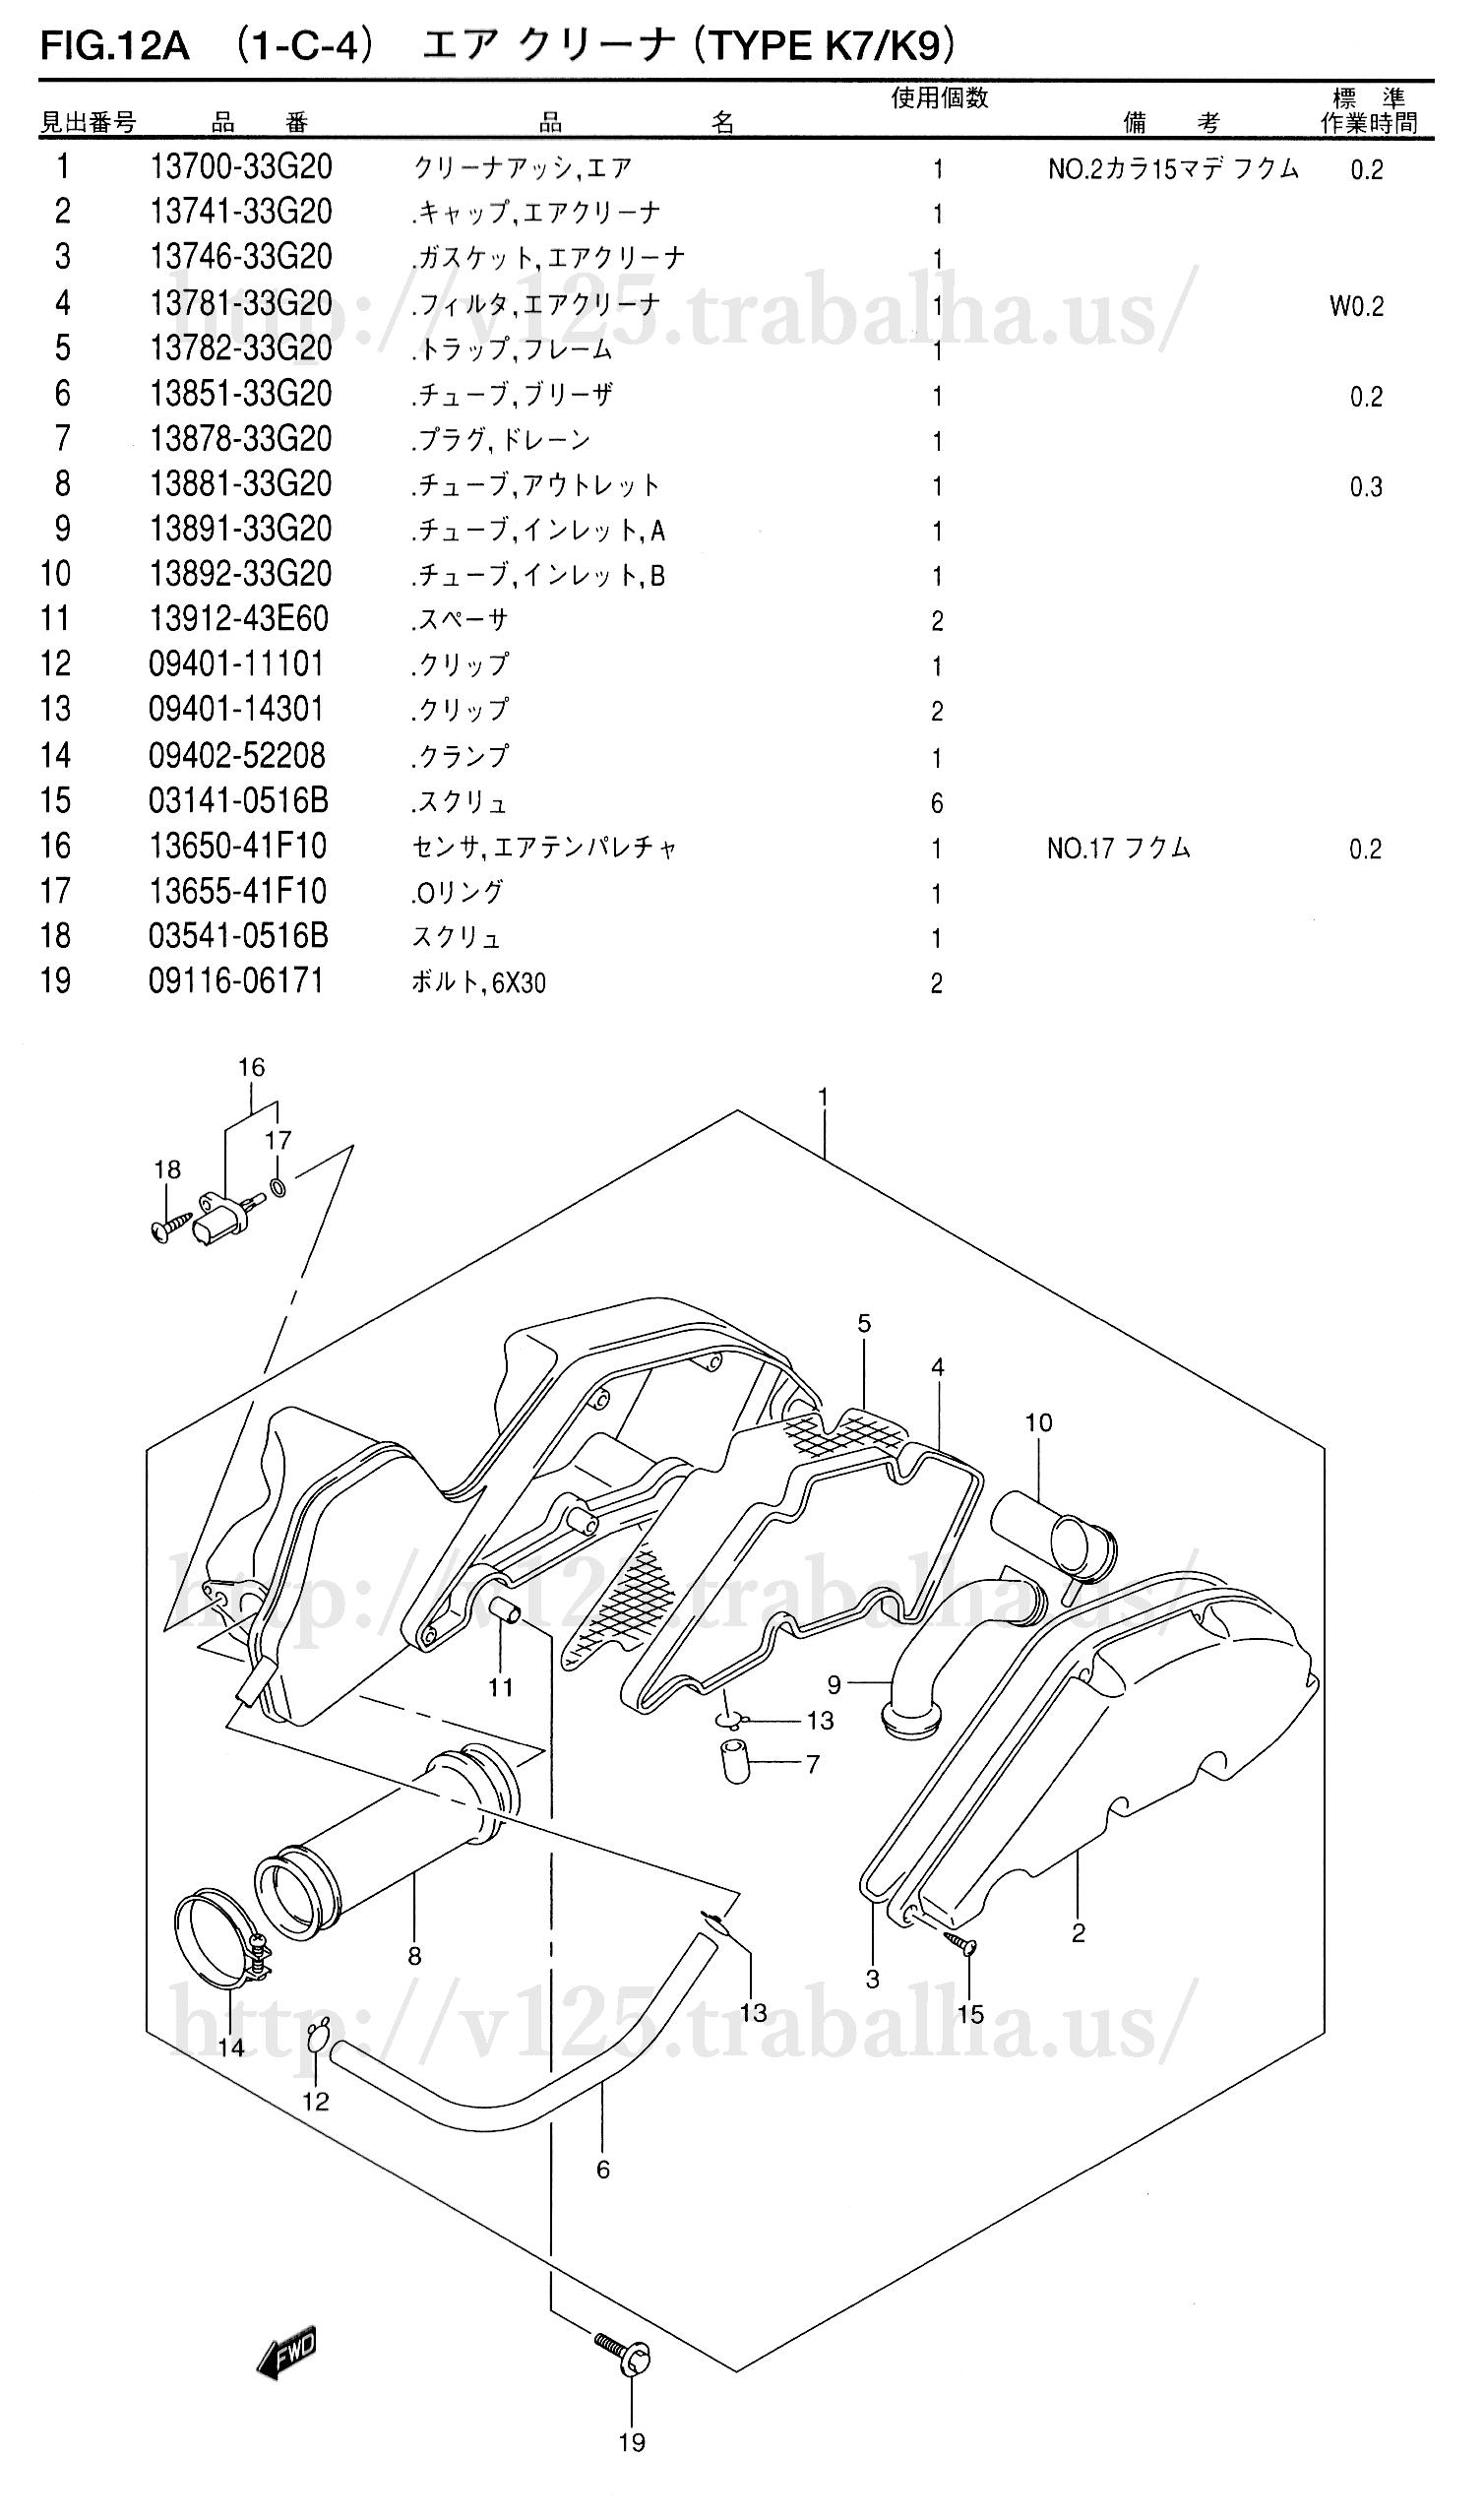 FIG.12A(1-C-4)エアクリーナ(TYPE K7/K9)